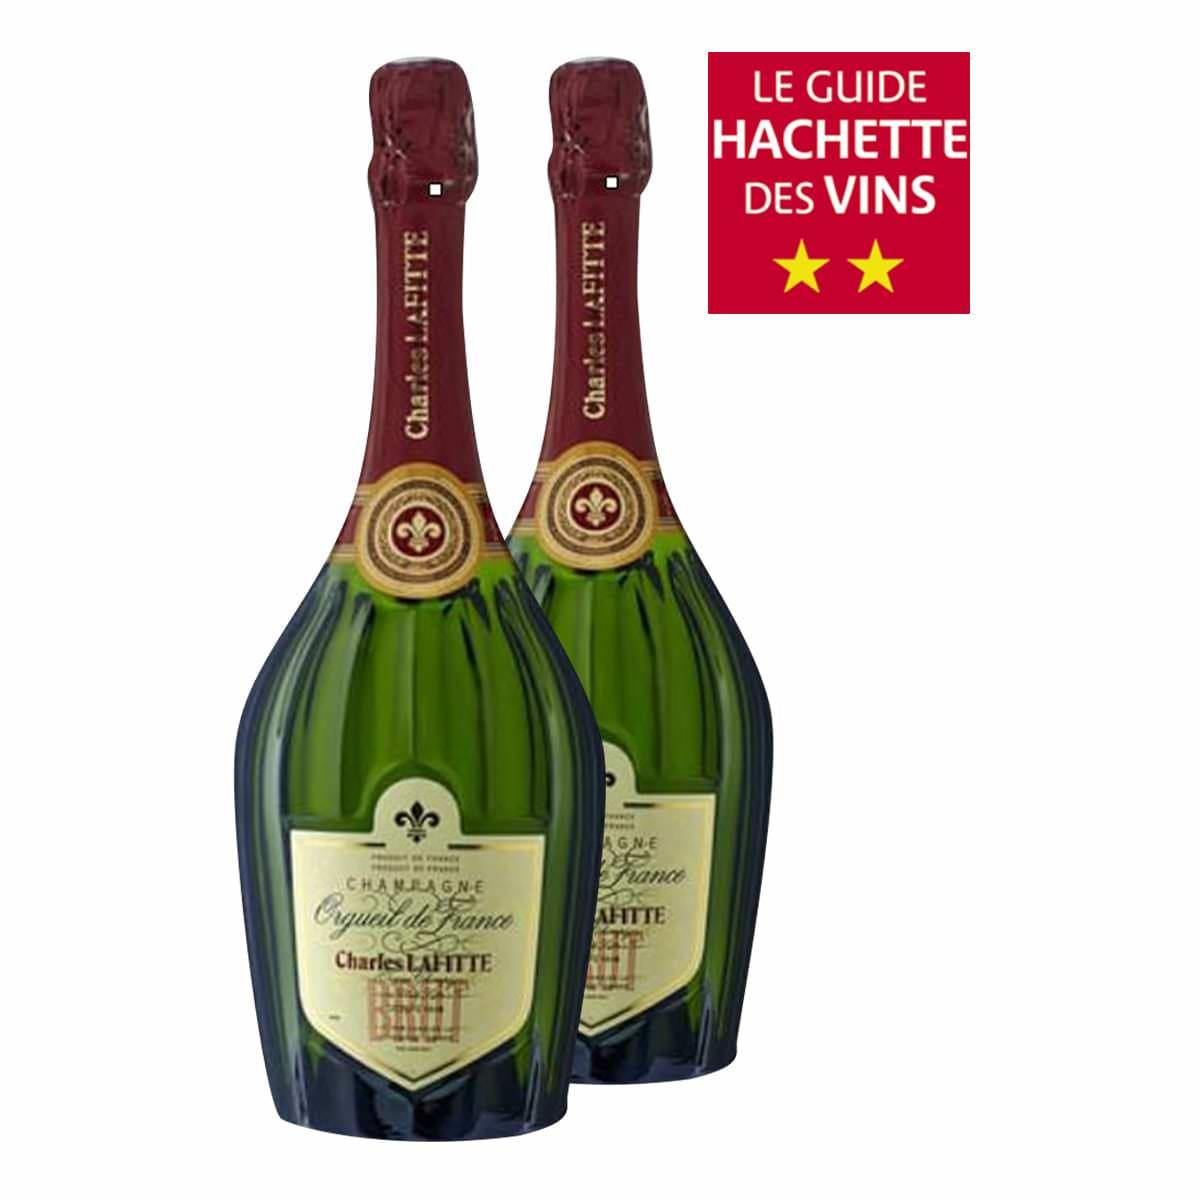 Lot de 2 Bouteilles de champagne Charles Lafitte Brut orgueil de France